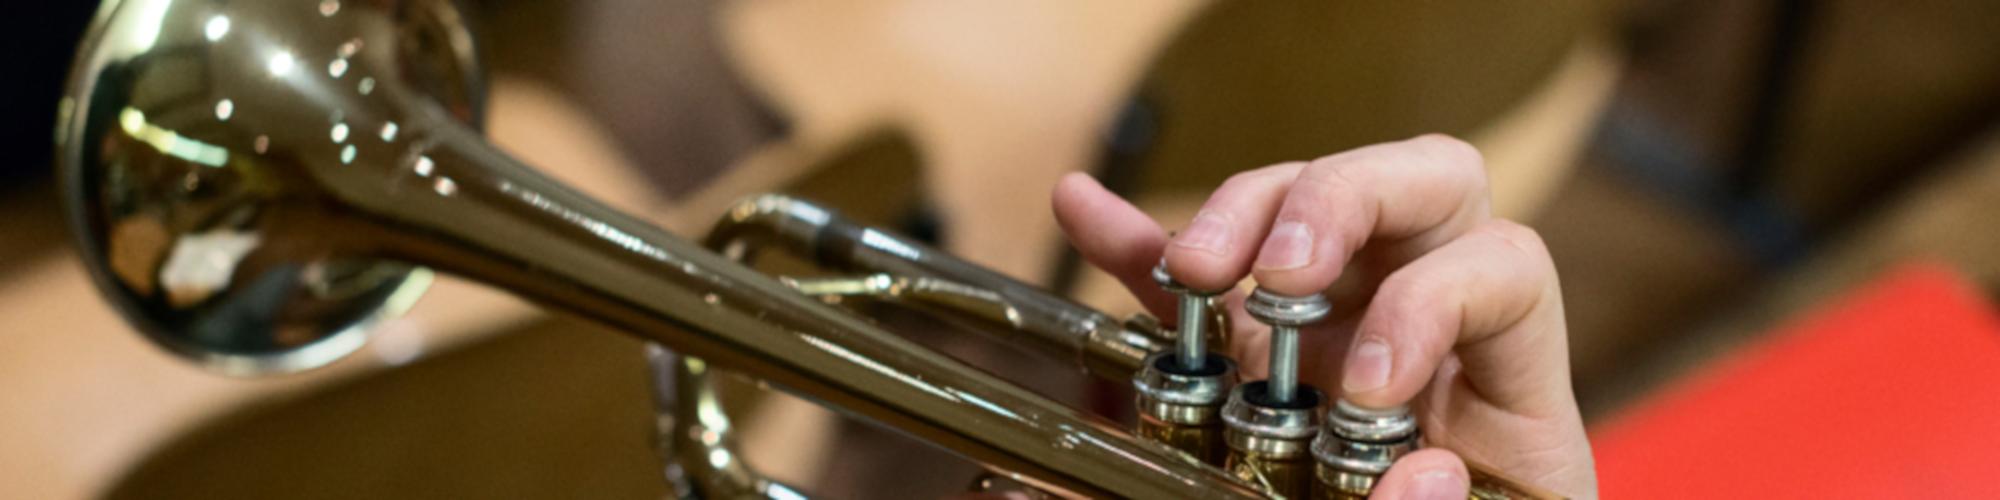 Orchestre d'Harmonie de La Courneuve